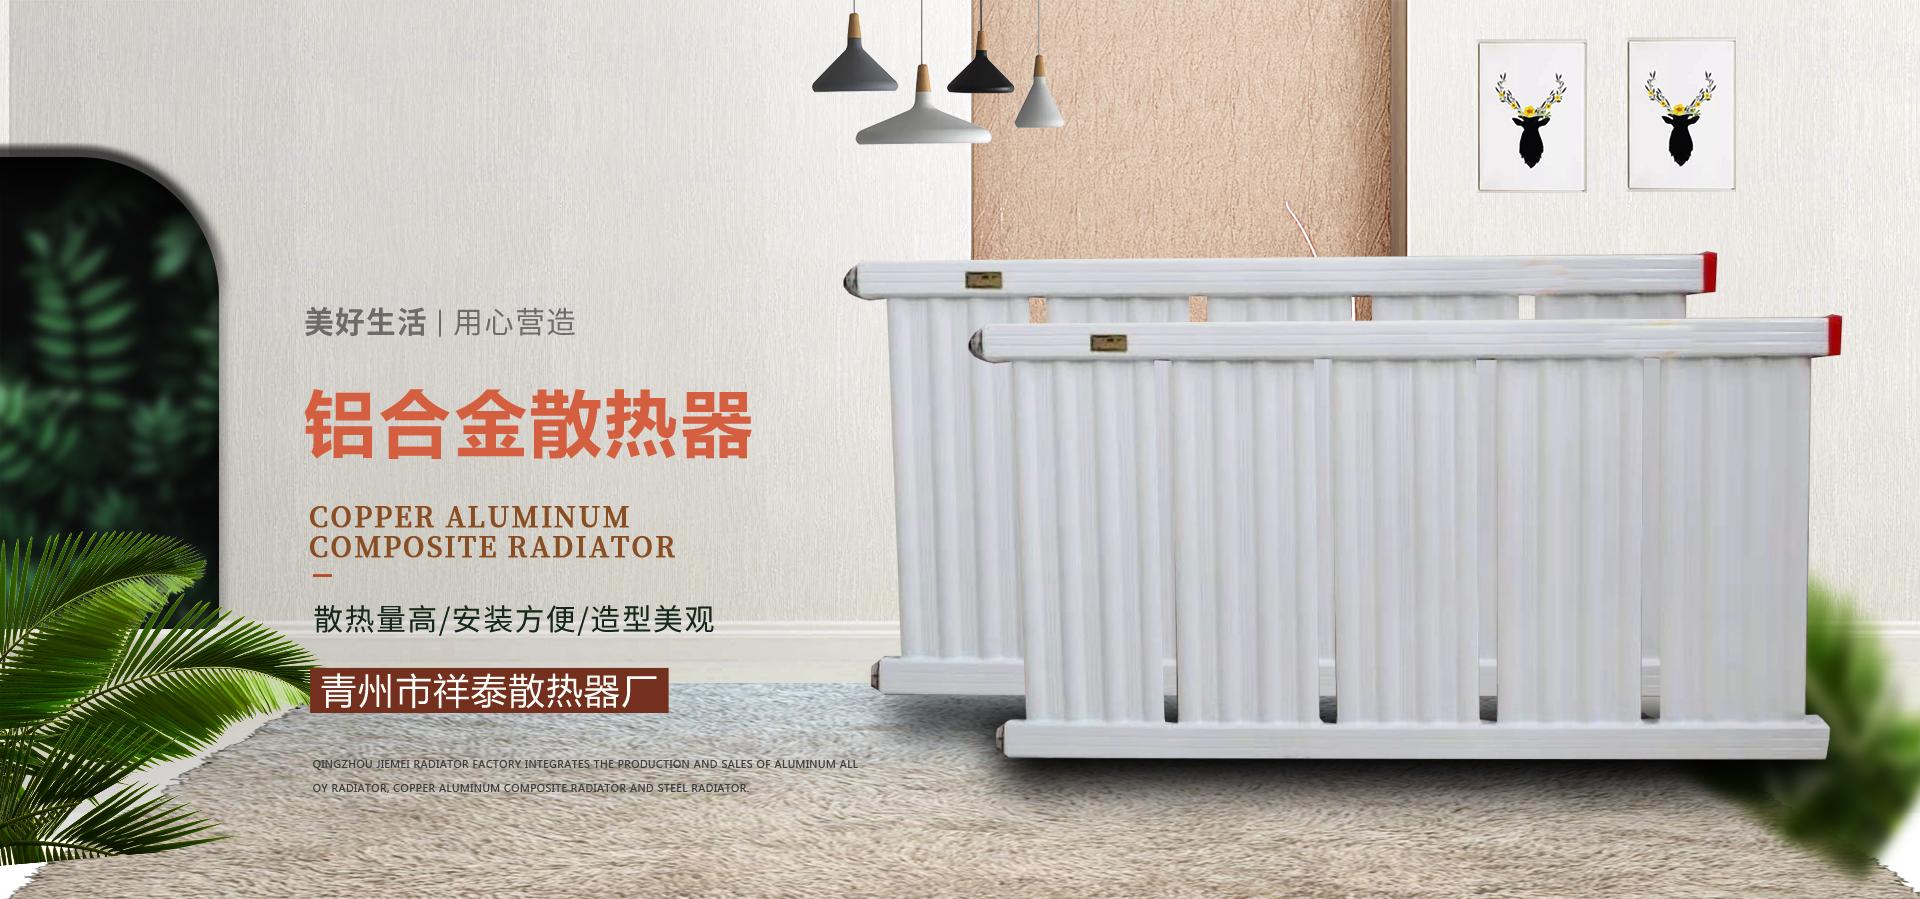 青州潔美散熱器廠